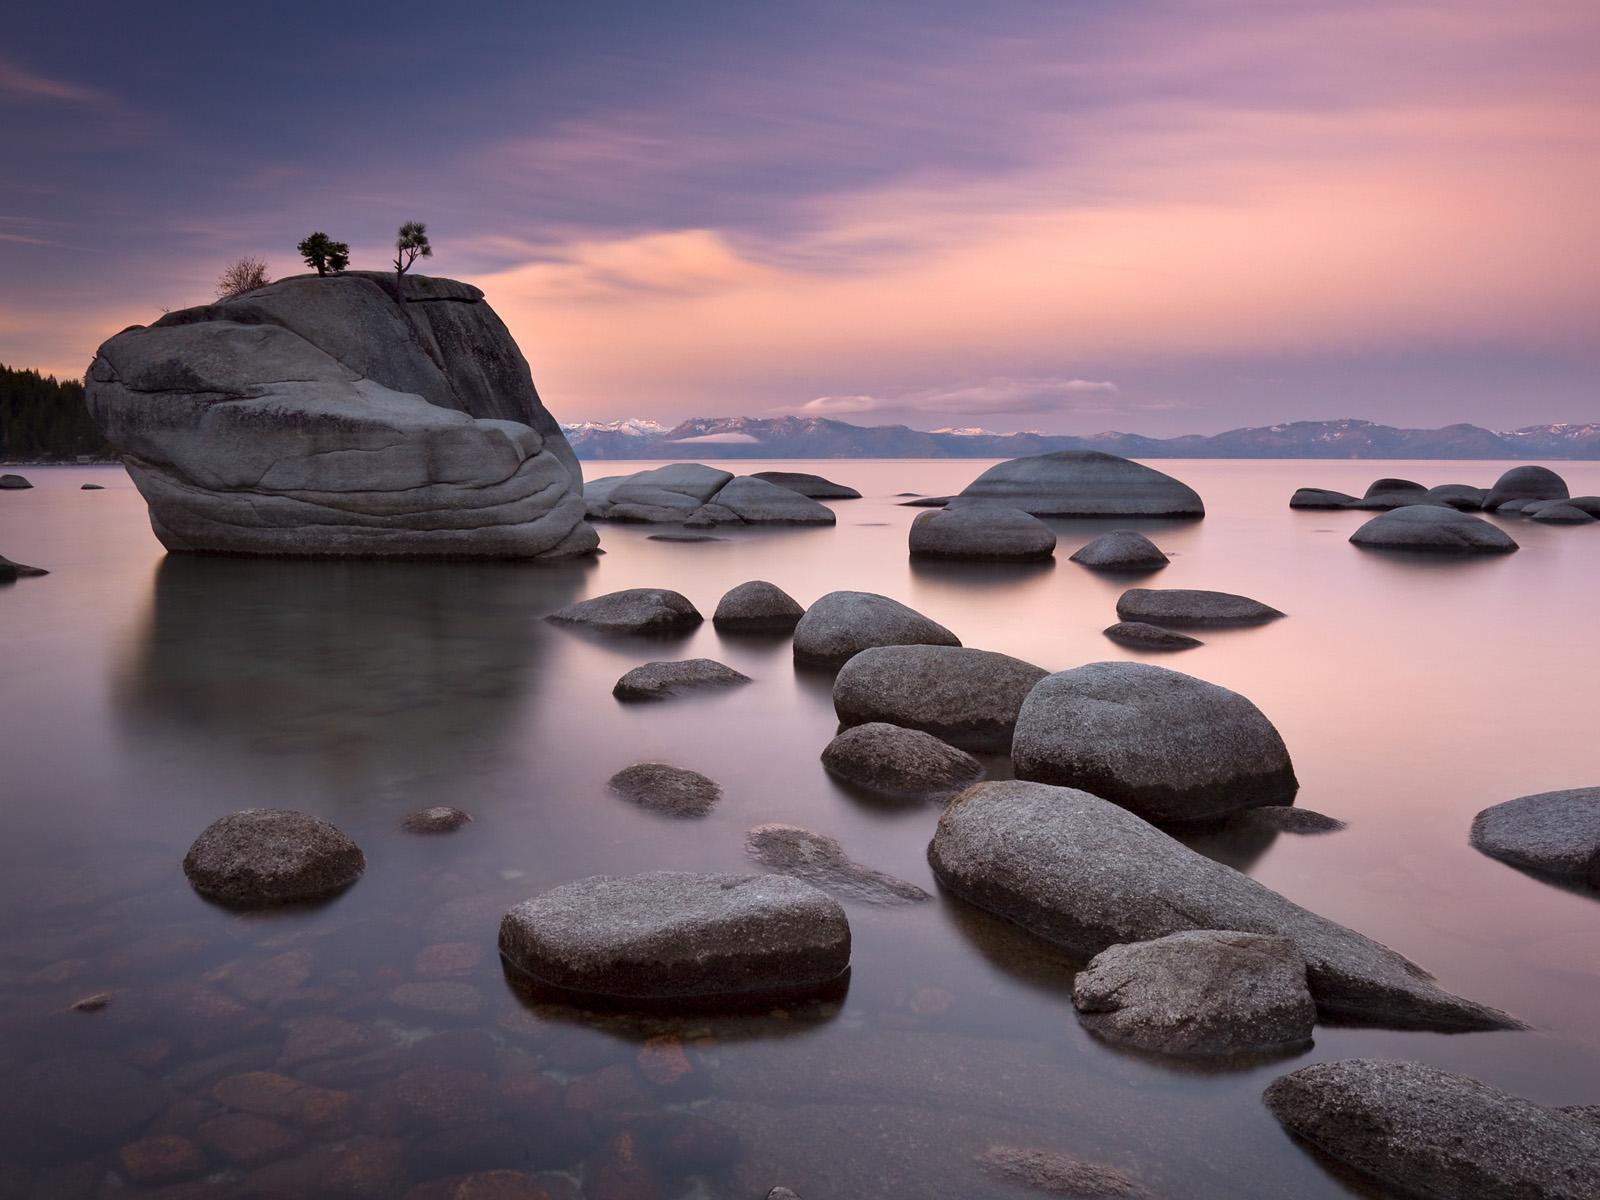 bonsai rock lake tahoe - photo #12